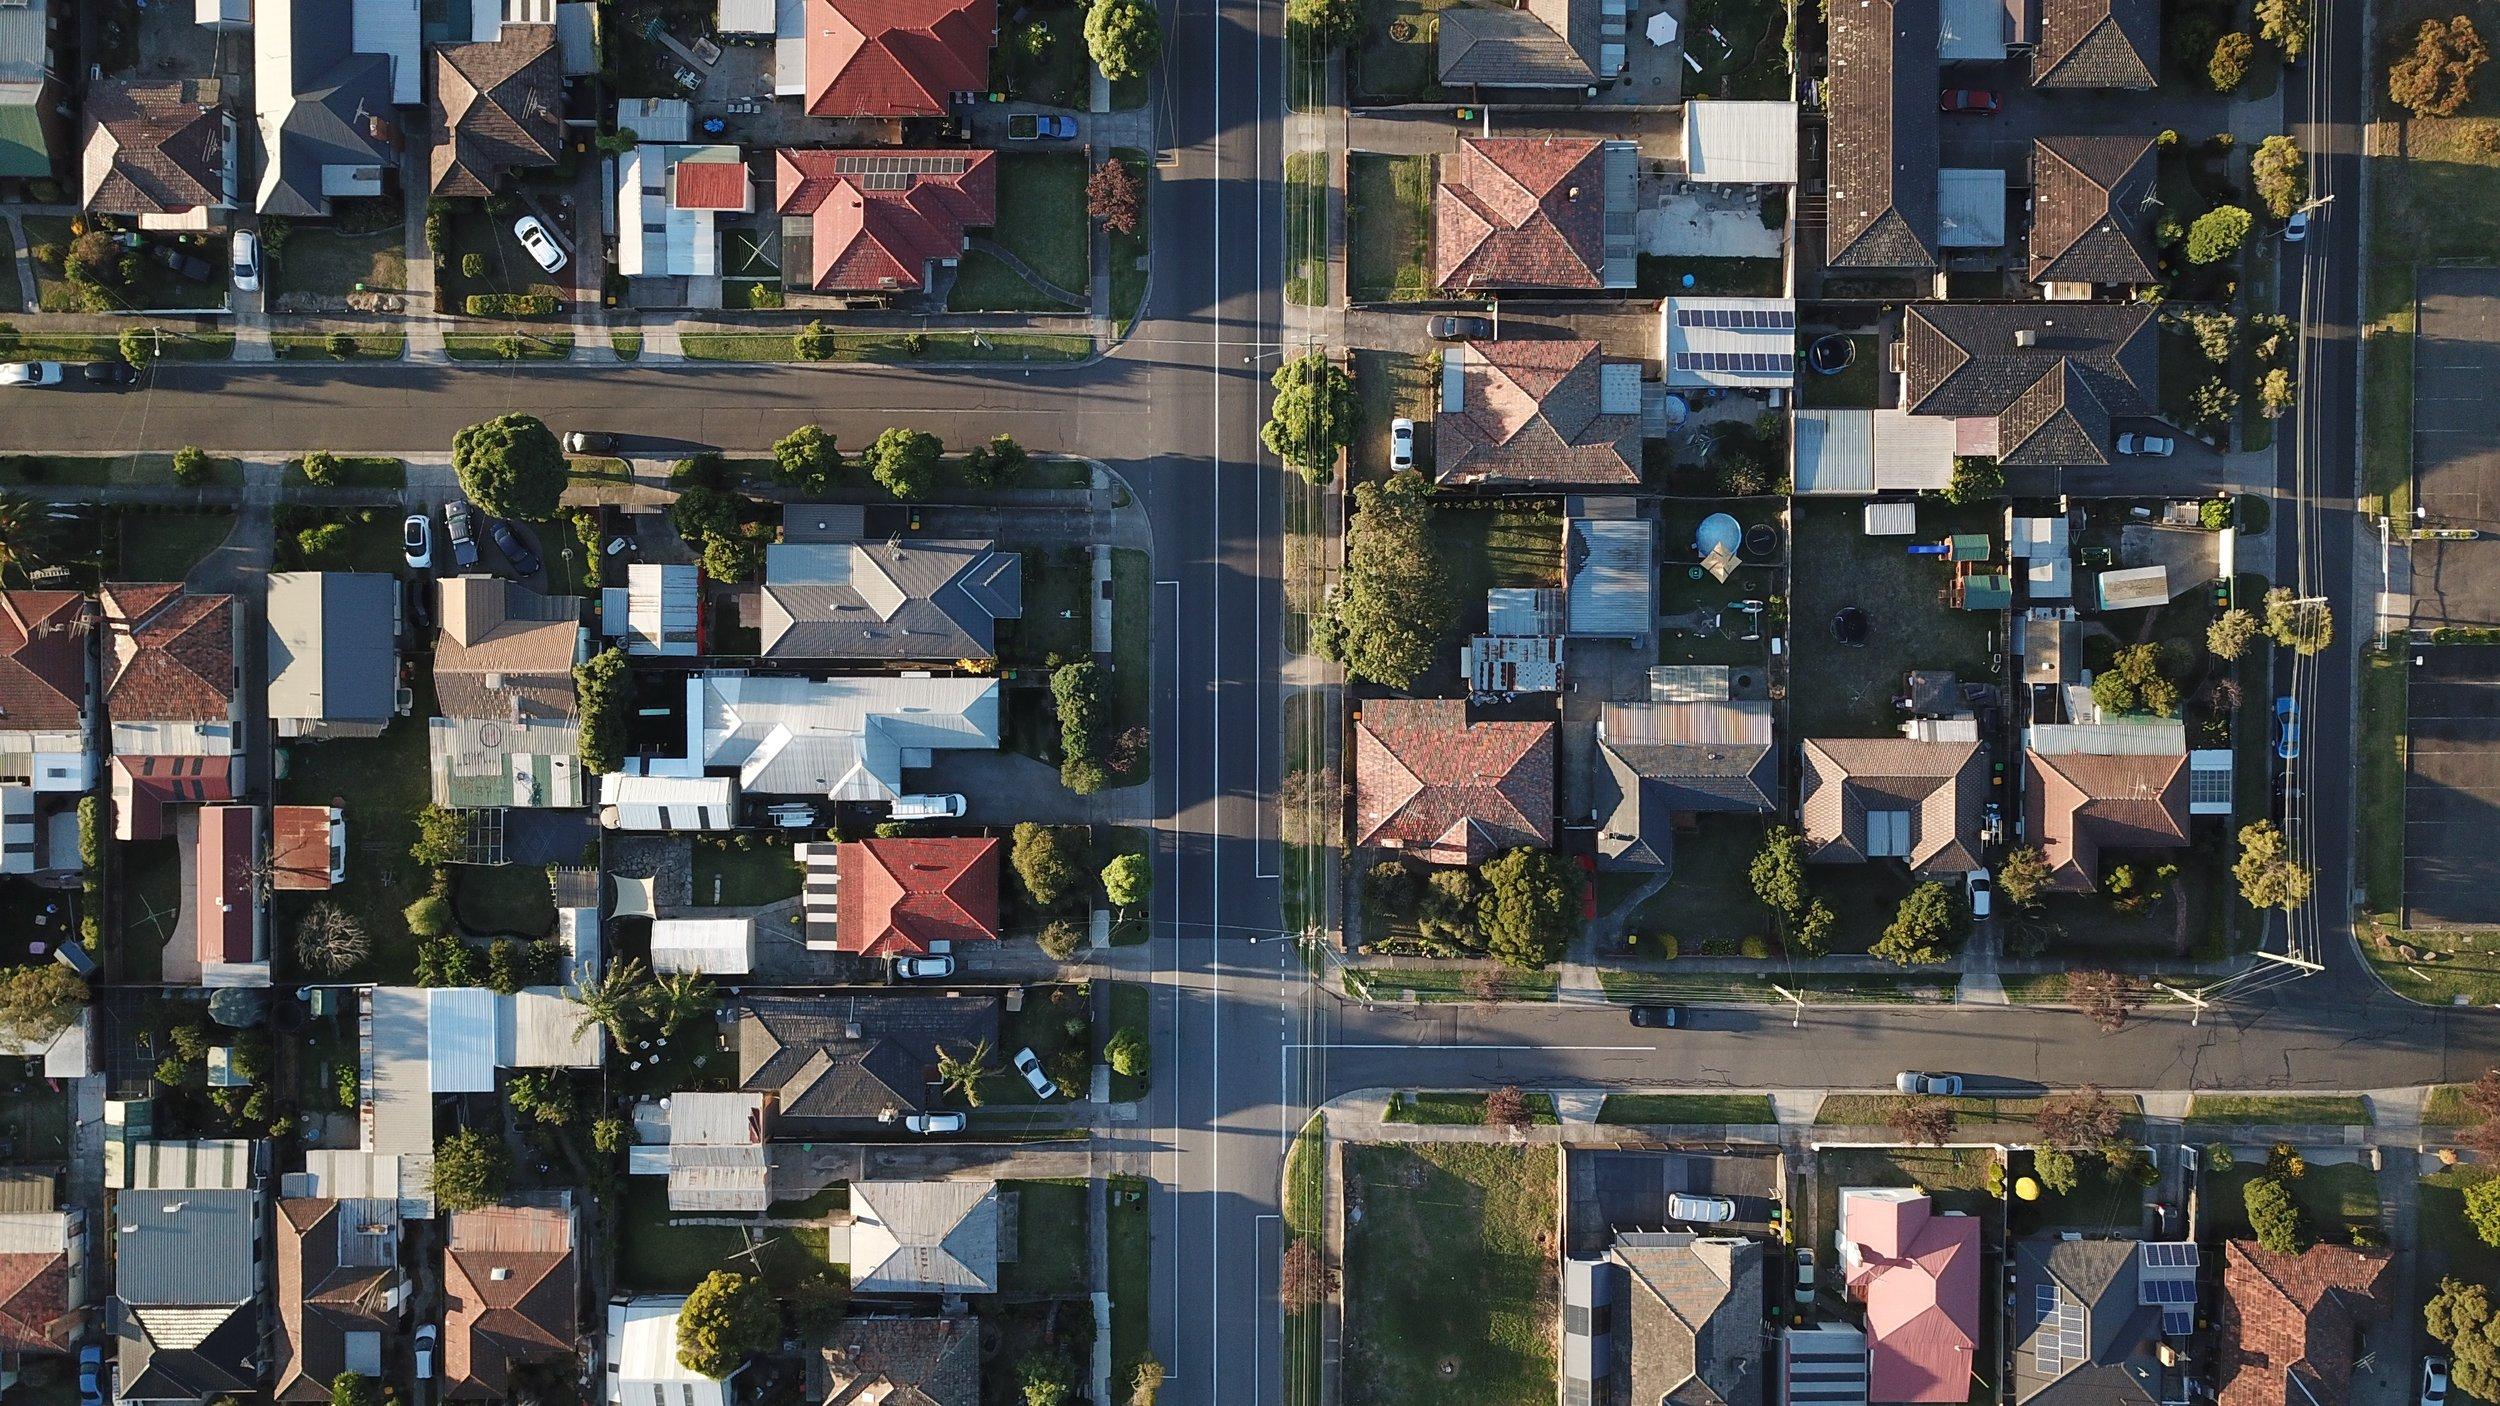 neighborhood_aerial_view